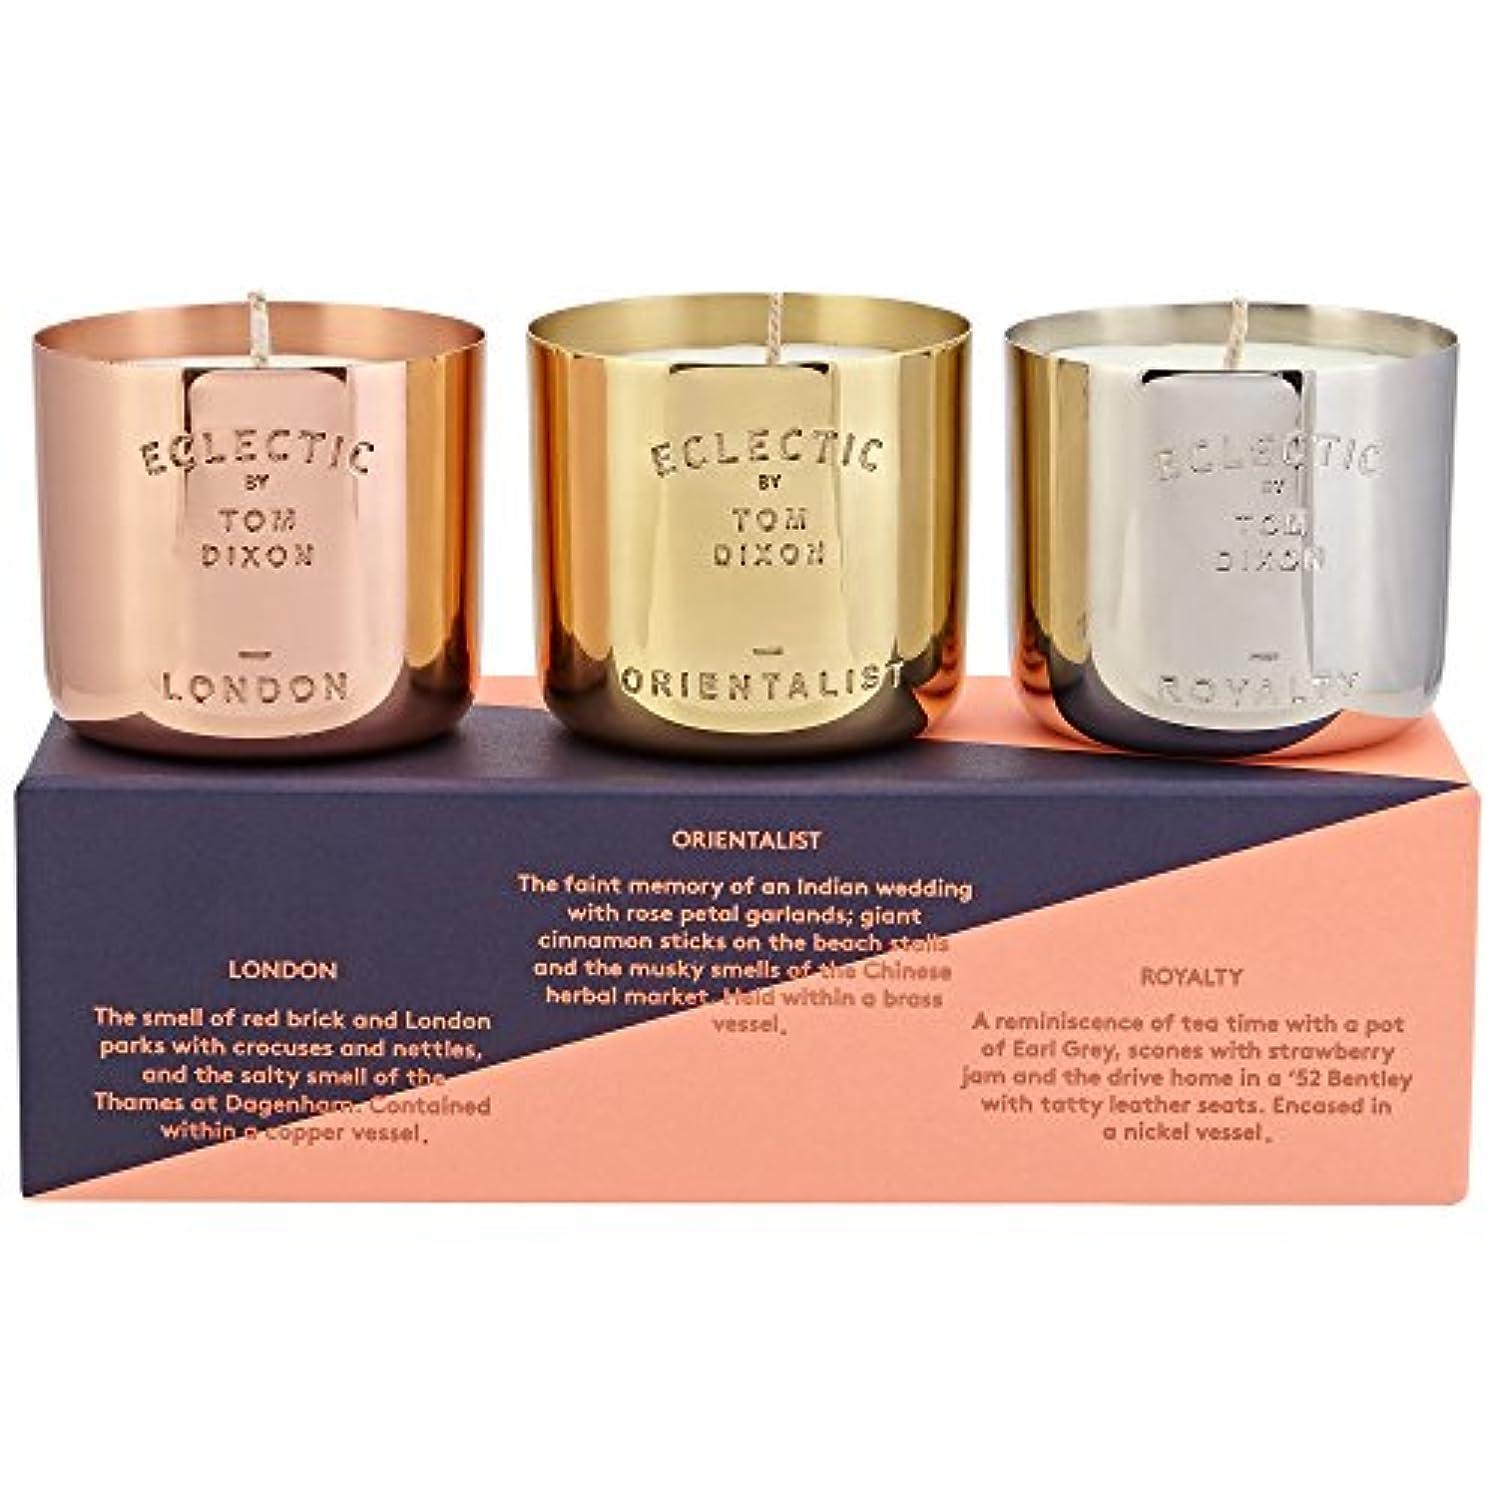 セラー鉄道駅スティーブンソンTom Dixon Scented Candle Gift Set - トムディクソン香りのキャンドルギフトセット [並行輸入品]